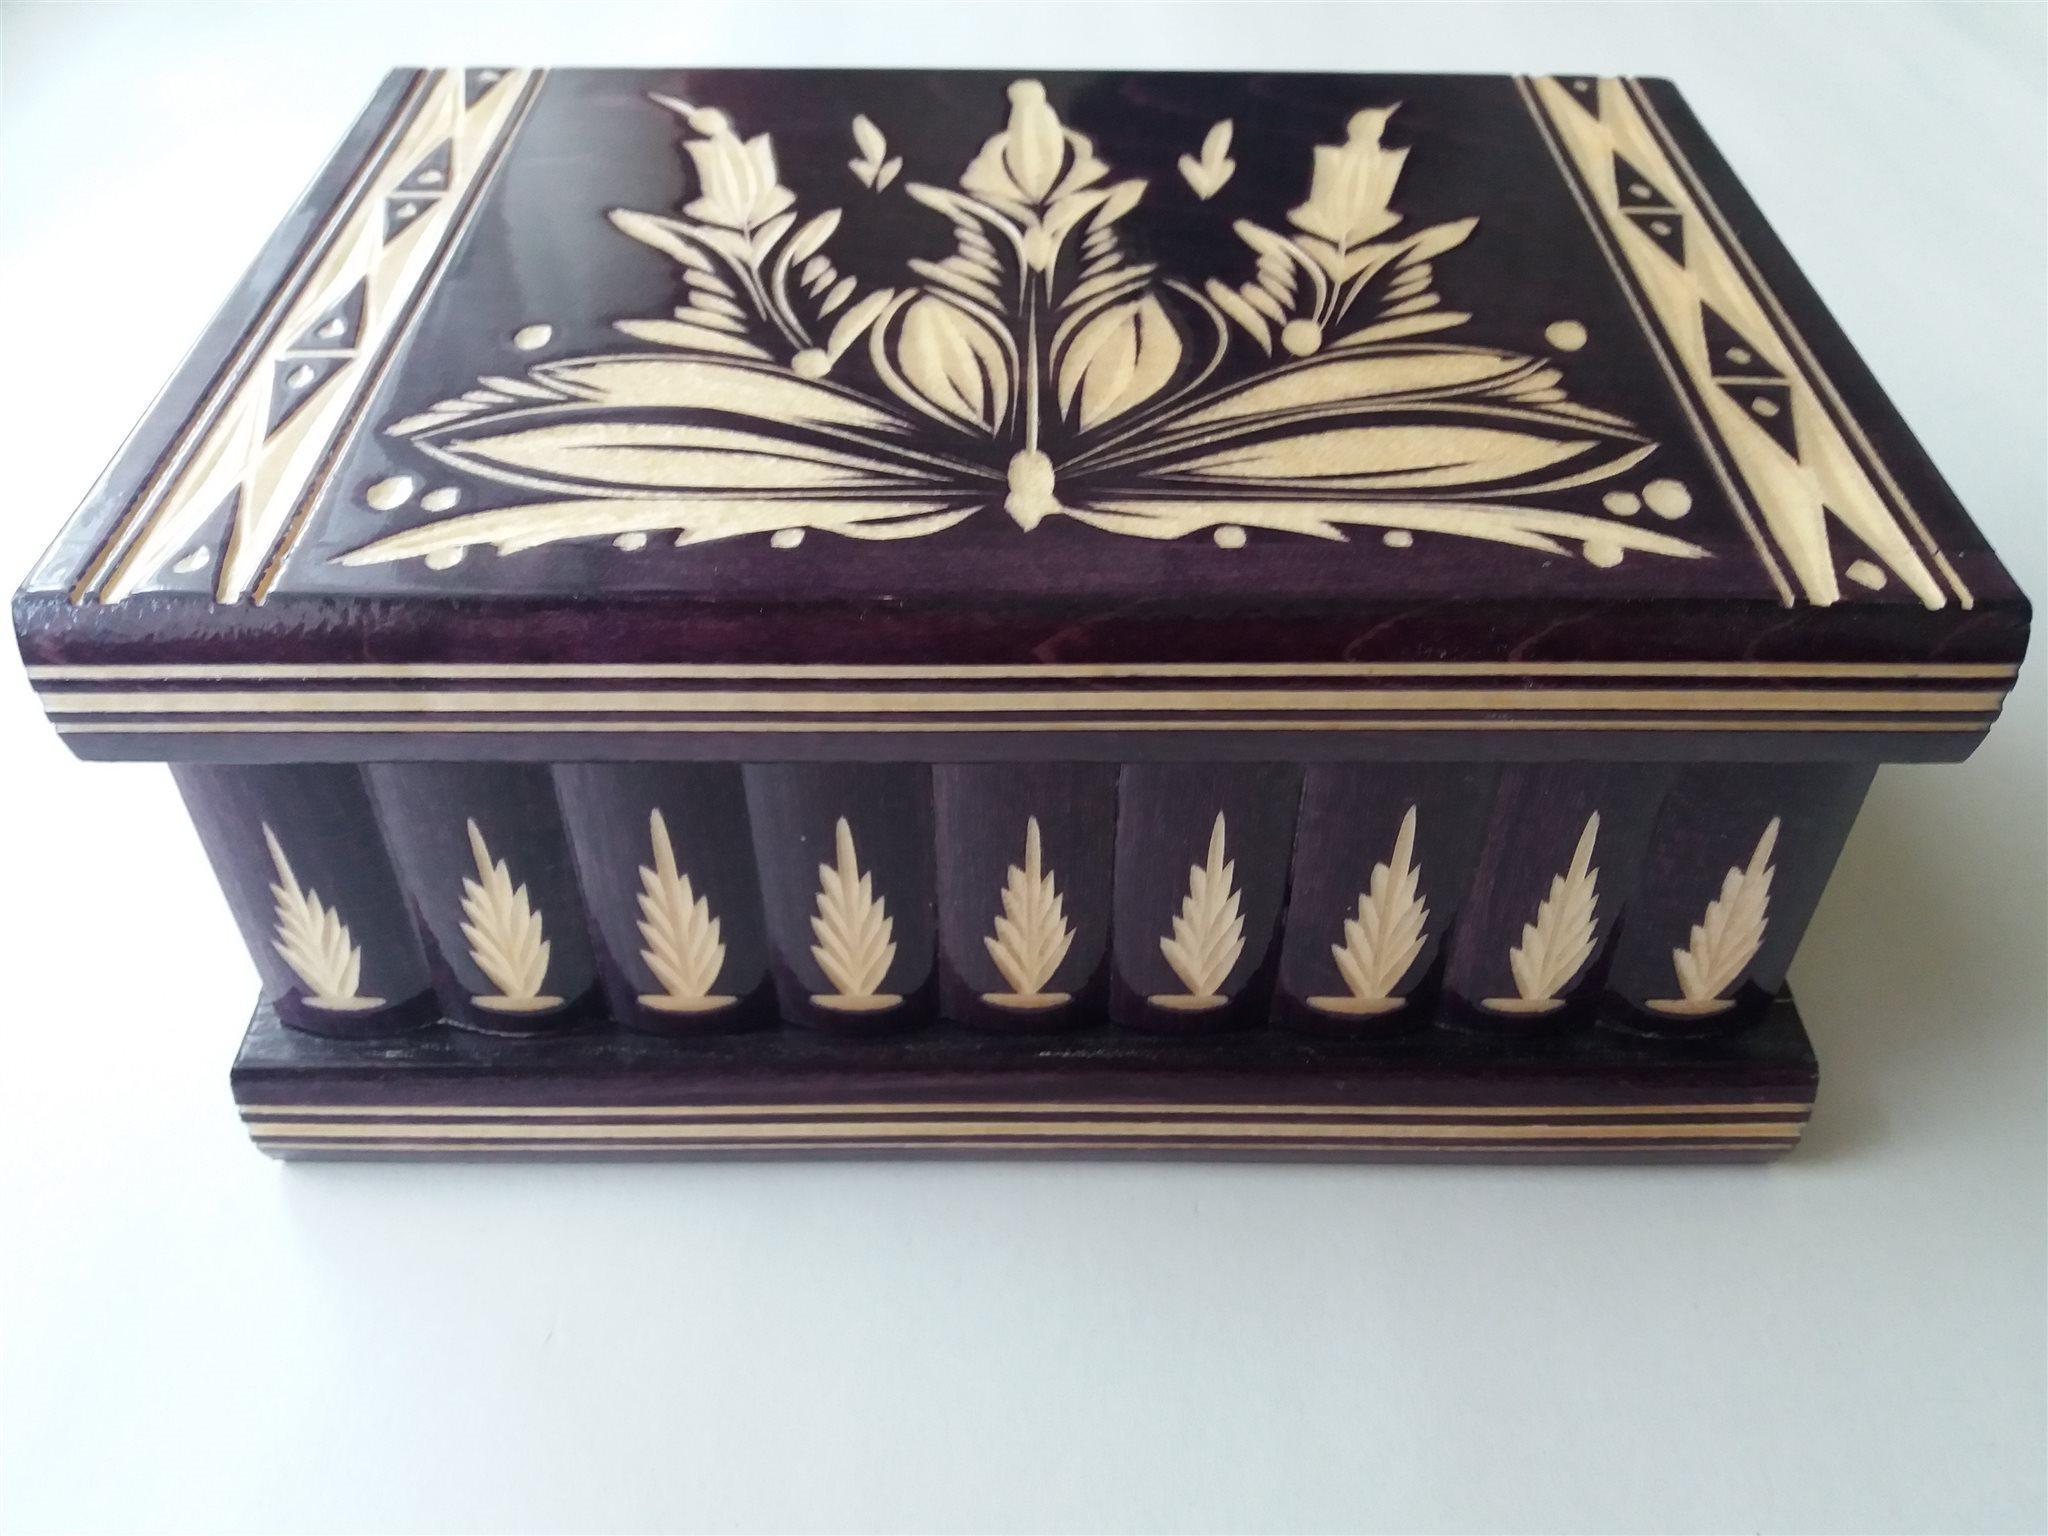 Ny stor stor djup violett pussel låda hemlig skatt äventyr mysterium magisk jakt